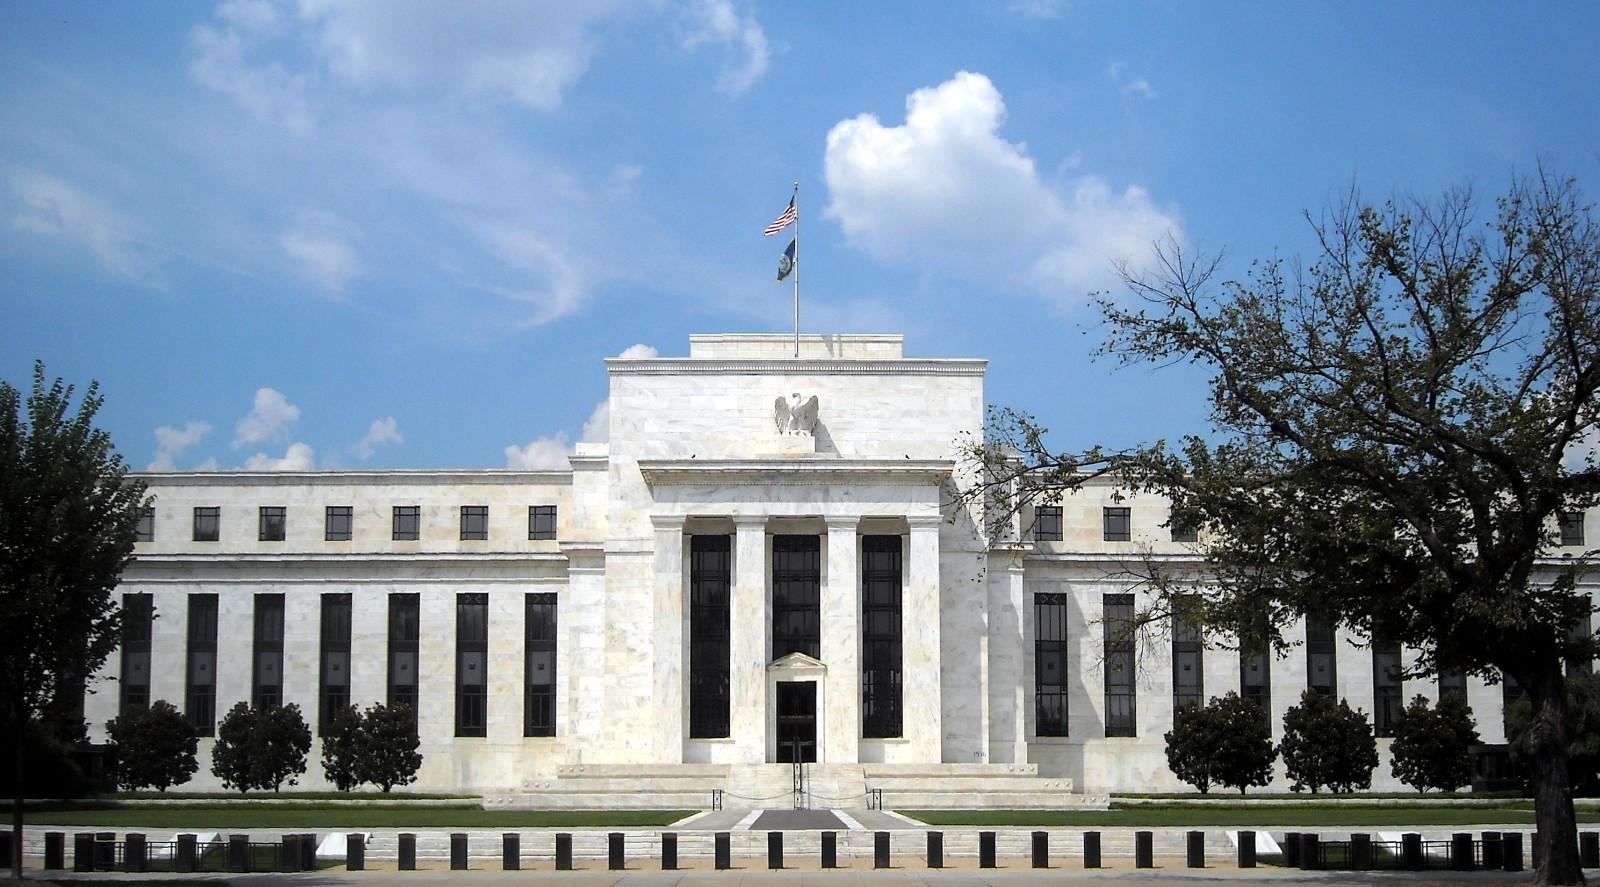 联储会表示对降息持开放态度 股市一扫颓势应声大涨_图1-3